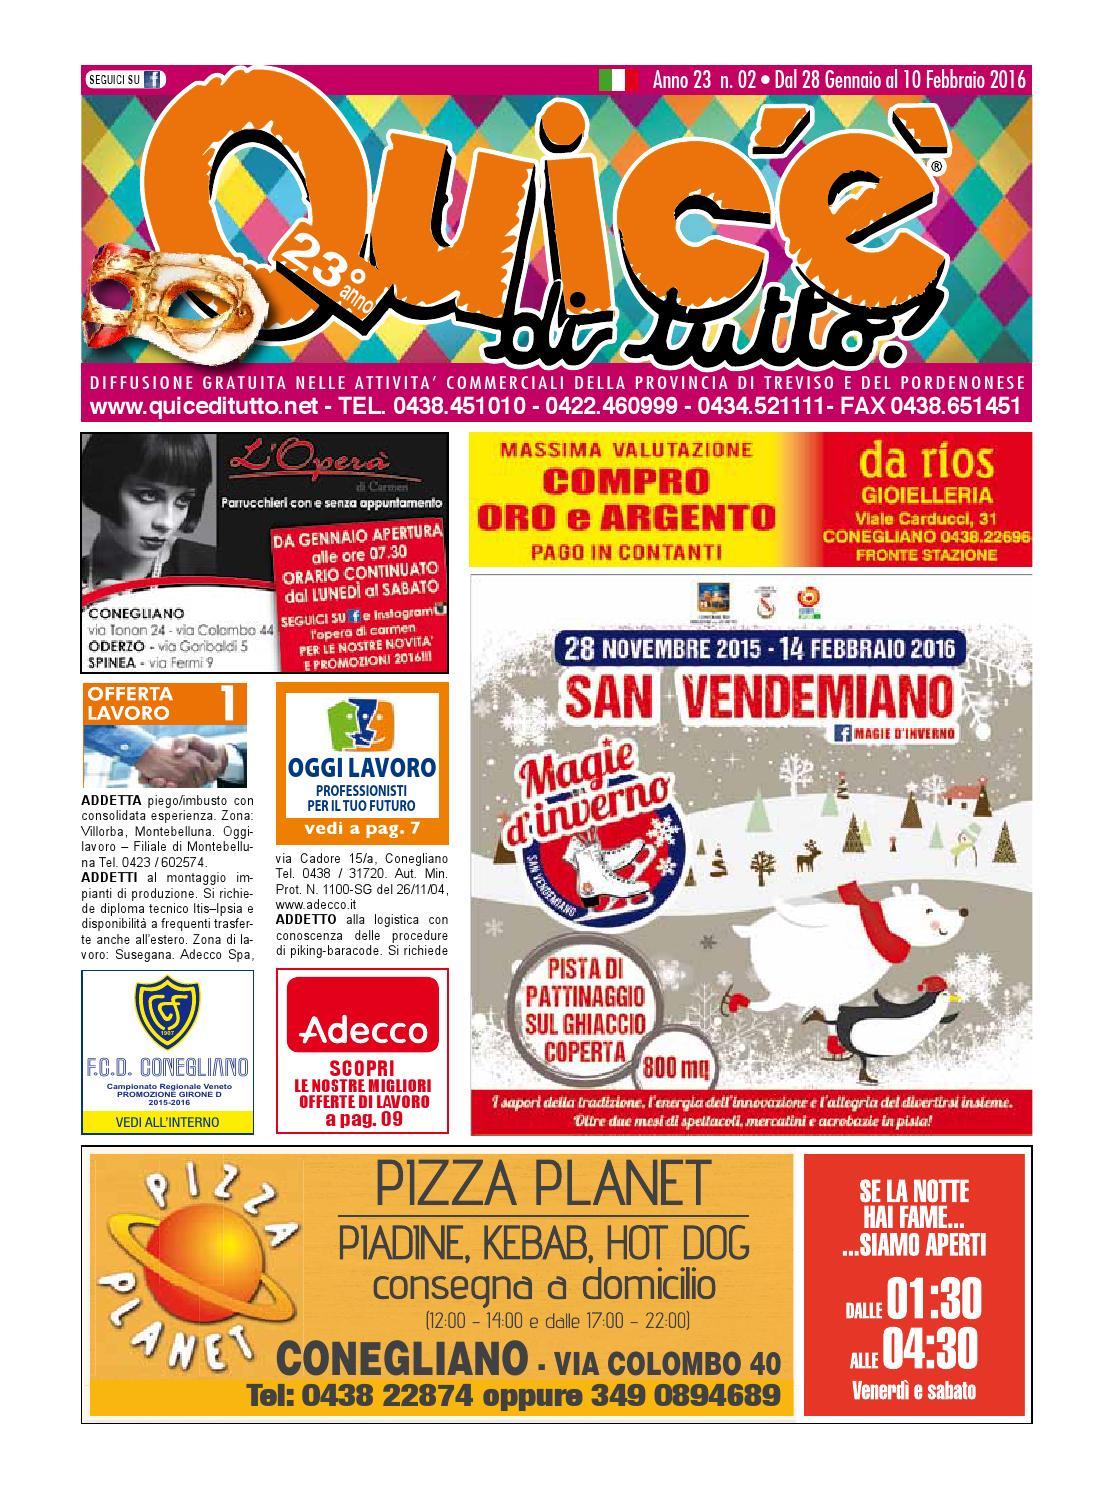 zucchero by Heine pressione Vestito Kp 79,90 € SALE/%/%/% NUOVO!!